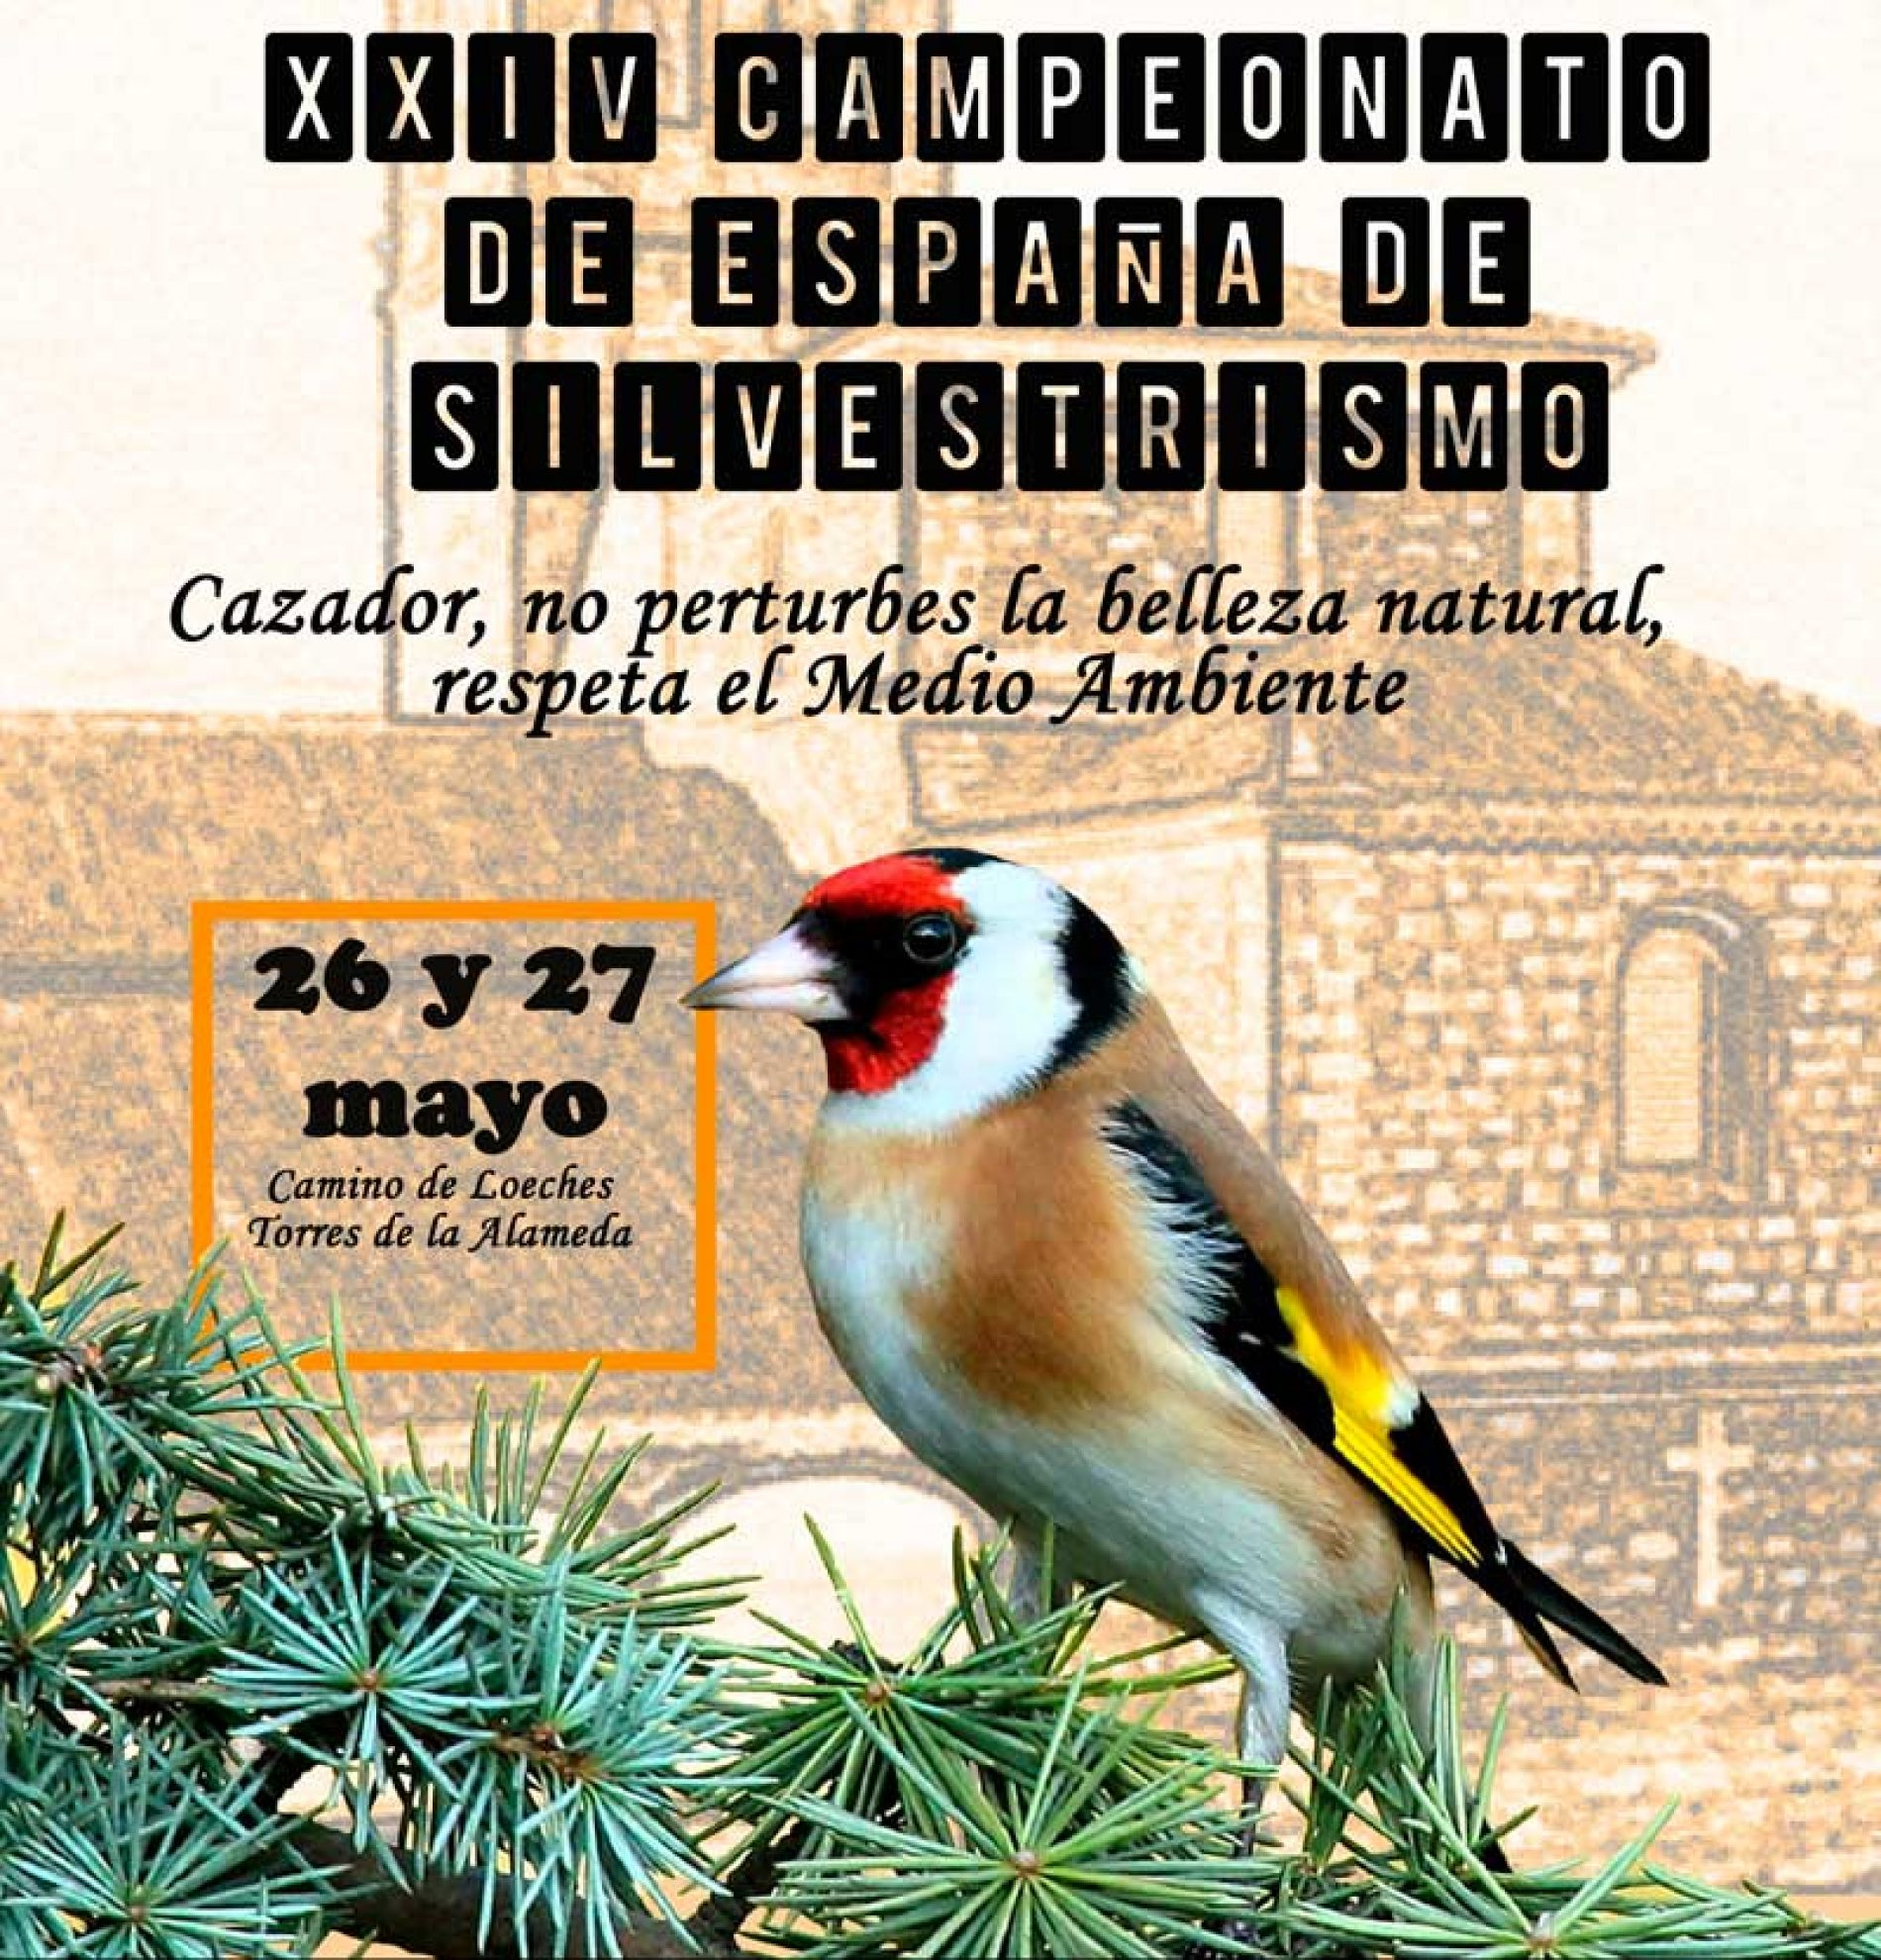 Torres de la Alameda acogerá el XXIV Campeonato de España de Silvestrismo